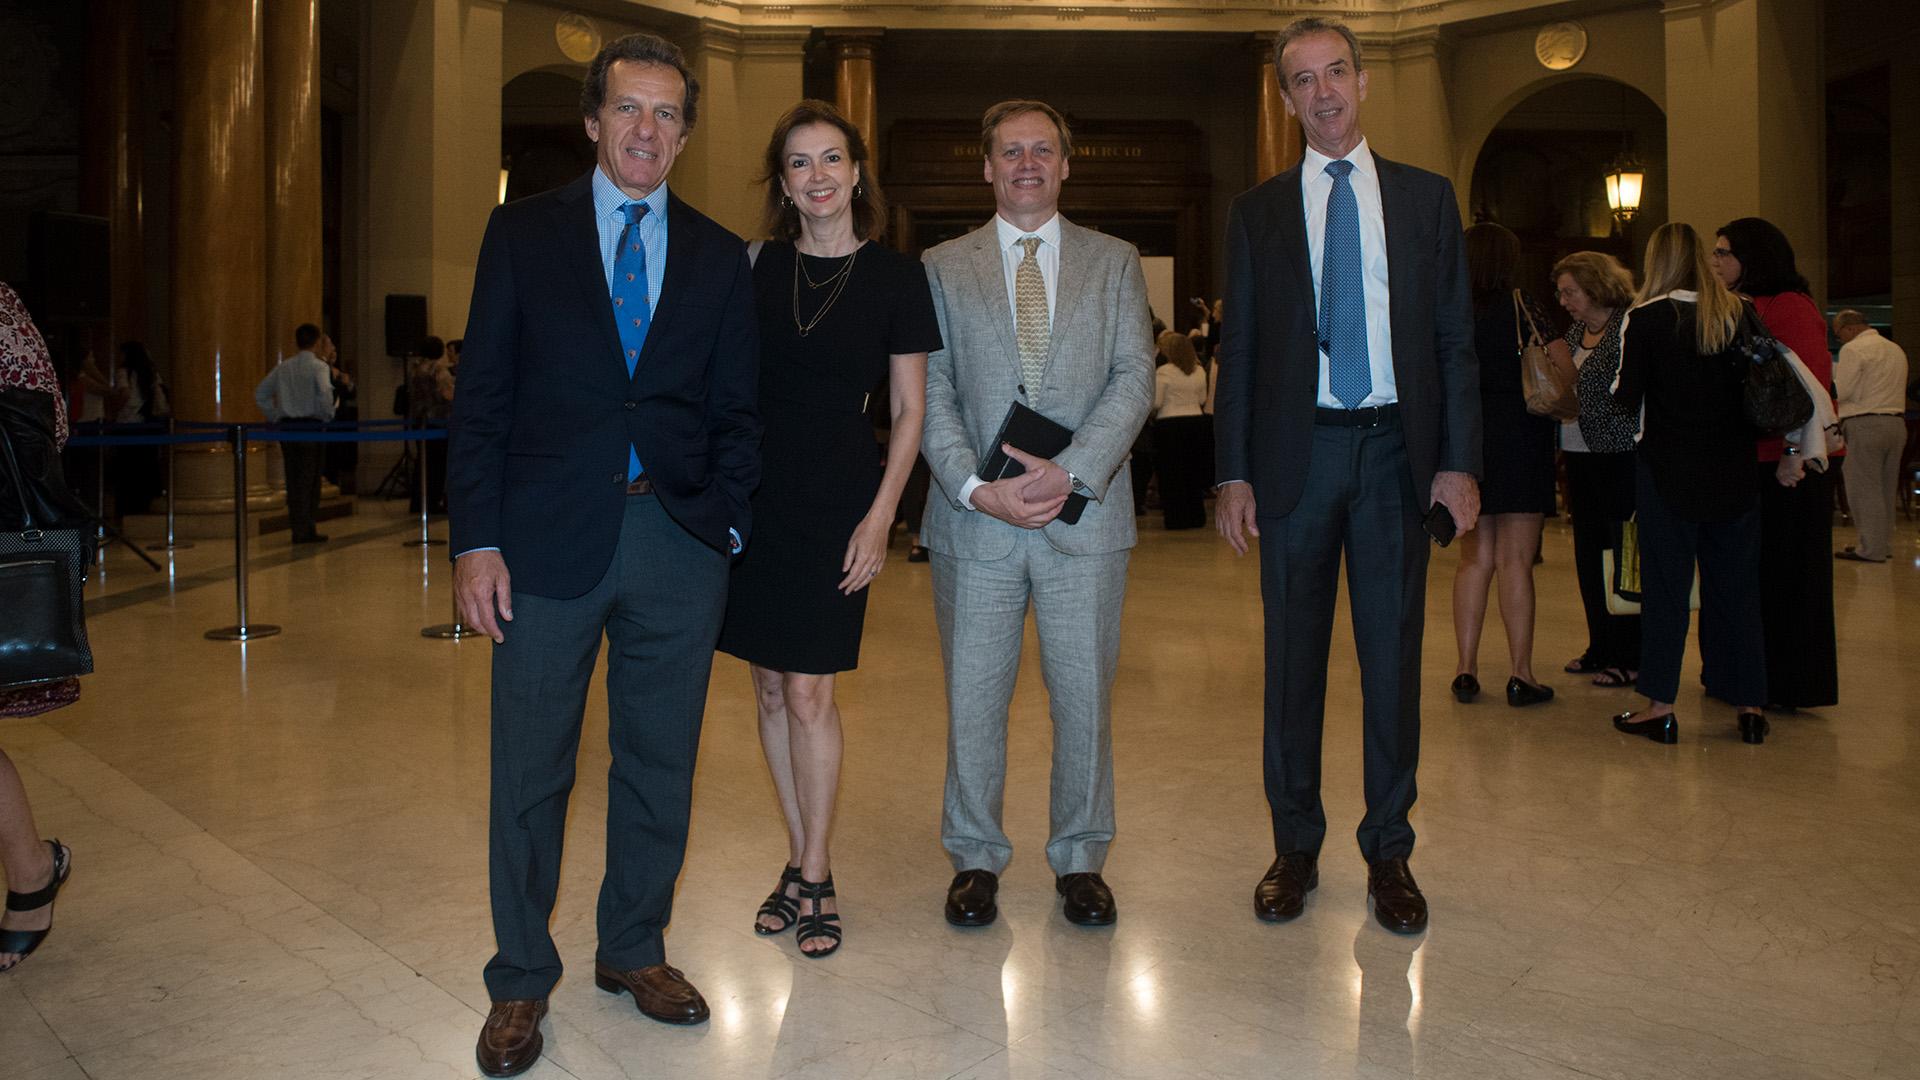 Diana Mondino de UCEMA y Fundación de Alimentos, junto al presidente del Grupo Supervielle, Patricio Supervielle y otros empresarios.